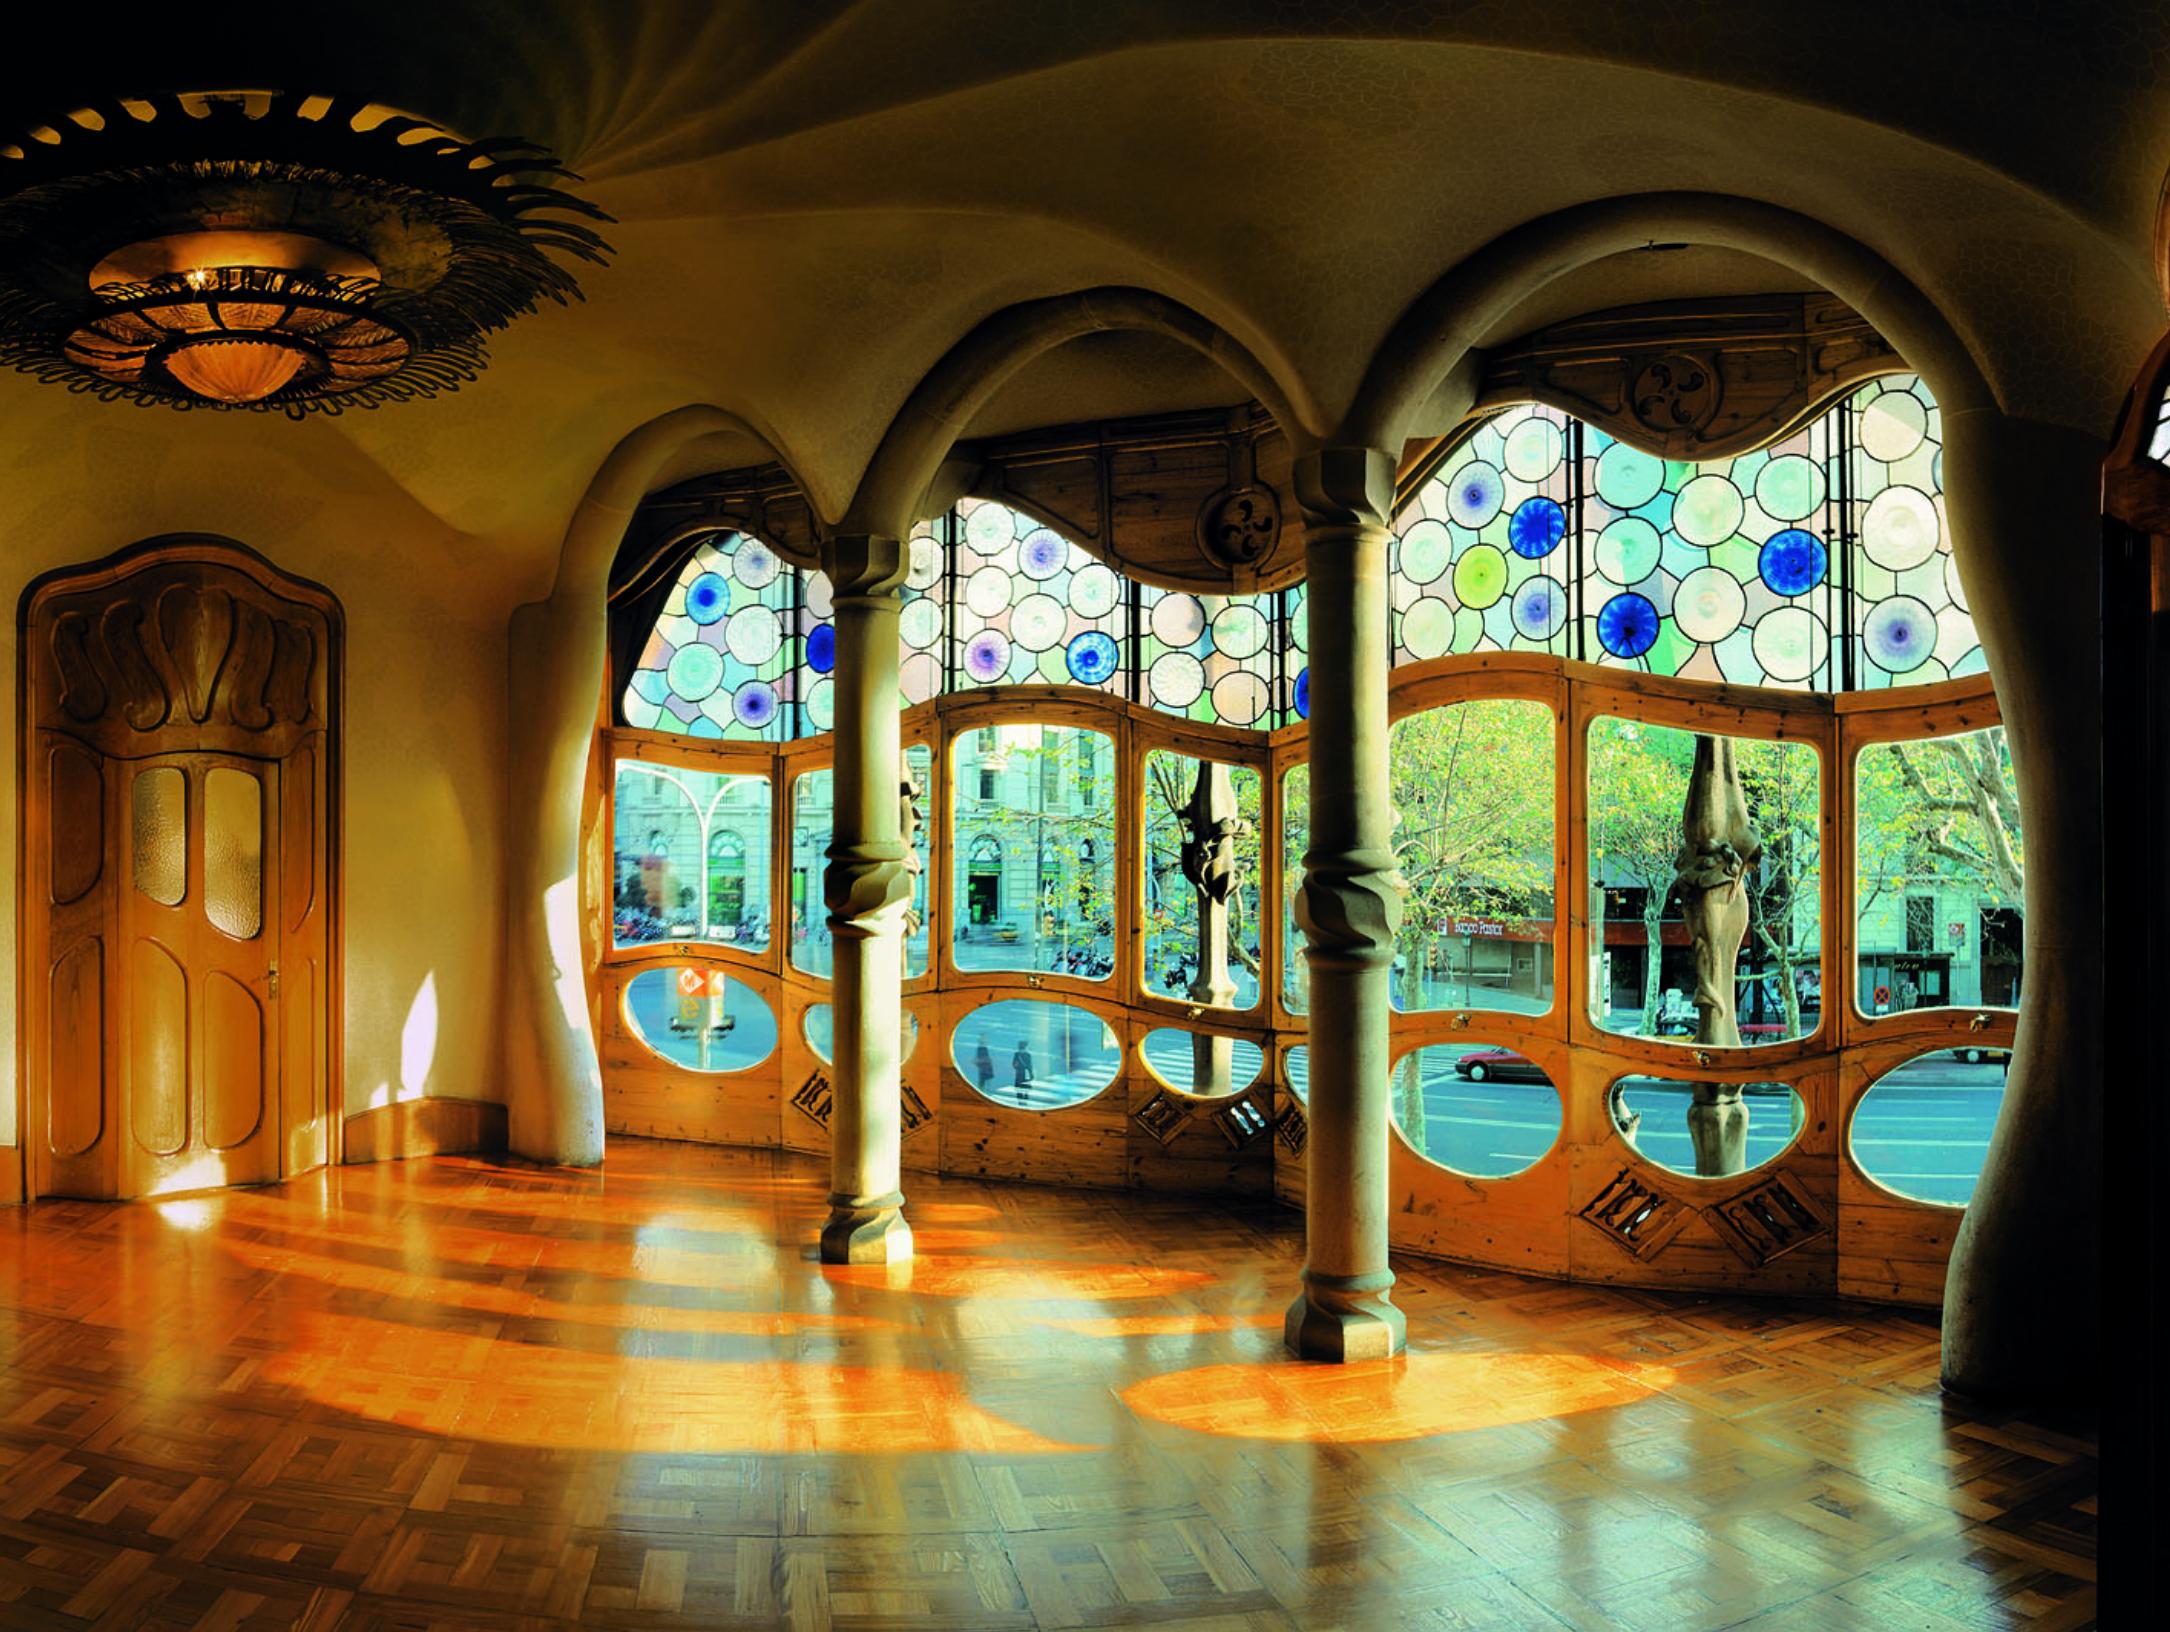 Casa-Batlló-©-Casa-Batlló